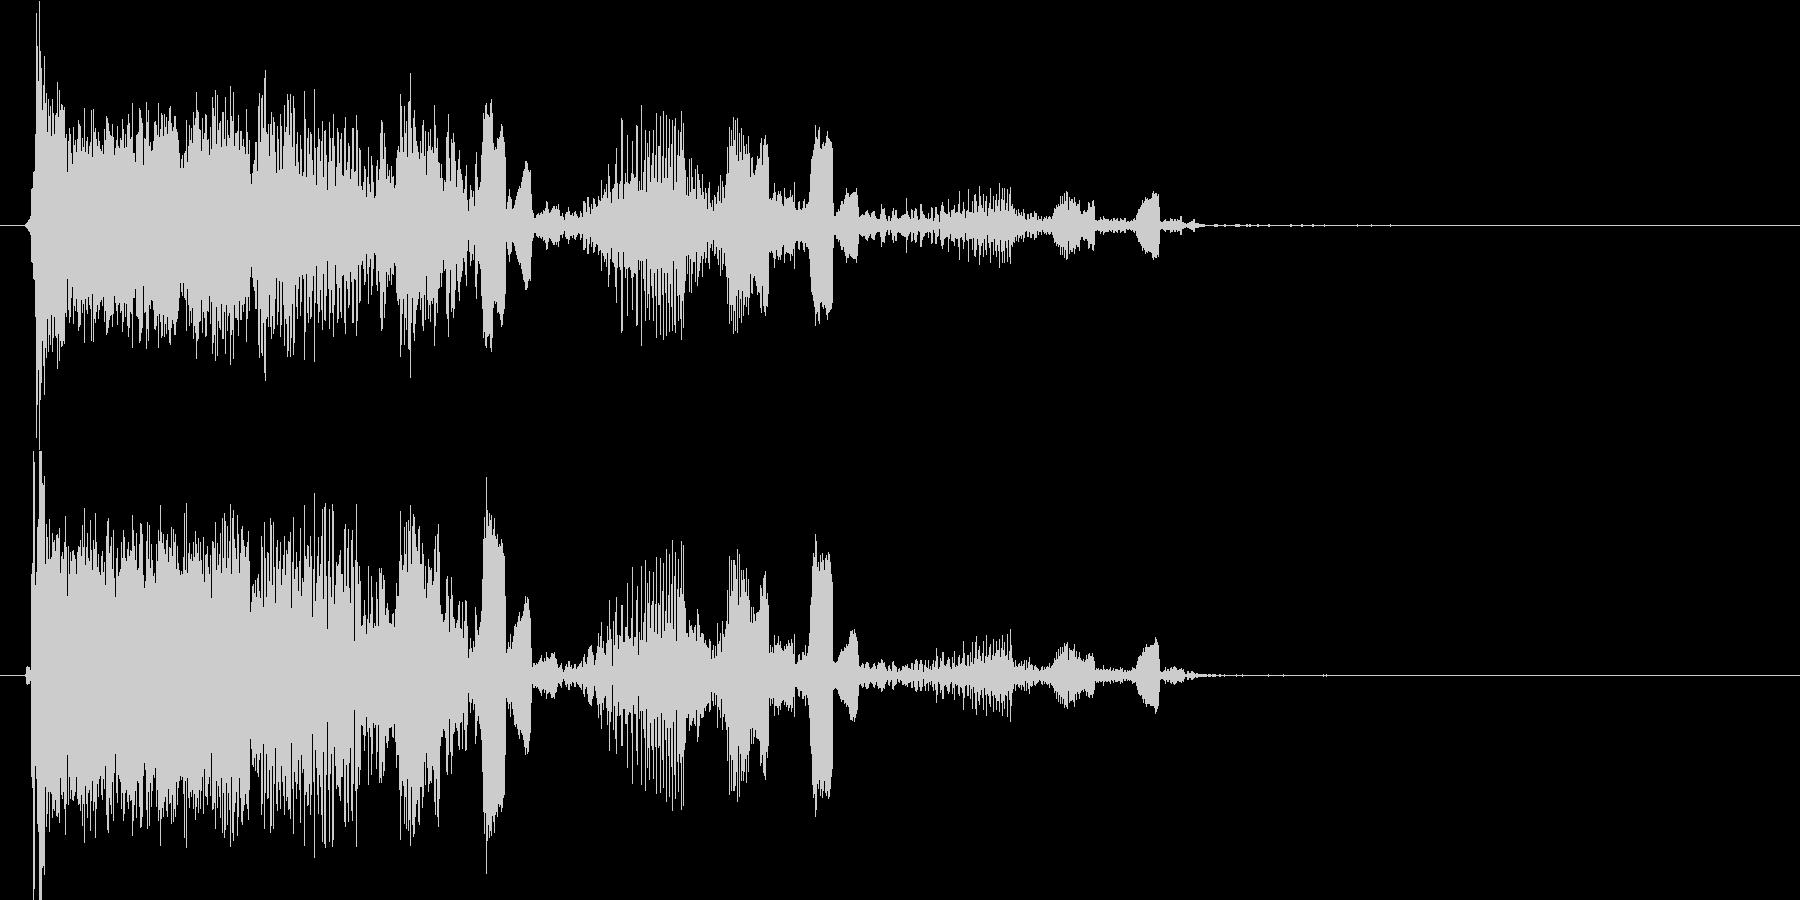 キュルキュル DJ、ラジオの未再生の波形